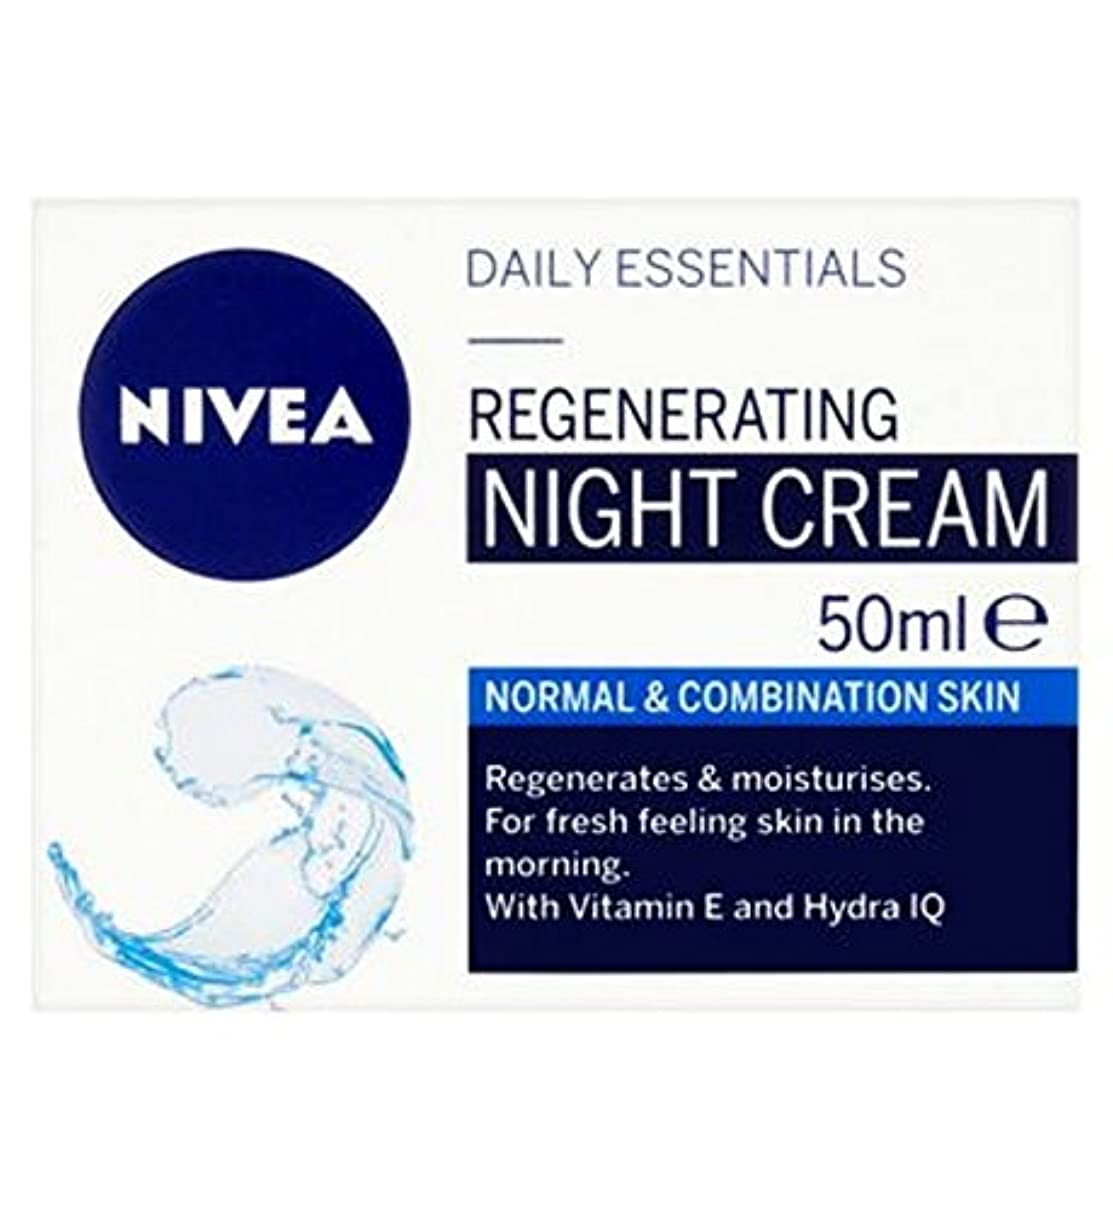 スクラップ権限失効NIVEA Daily Essentials Regenerating Night Cream For Normal and Combination Skin 50ml - ノーマルと組み合わせ皮膚50ミリリットルのためのナイトクリームを再生ニベア生活必需品 (Nivea) [並行輸入品]